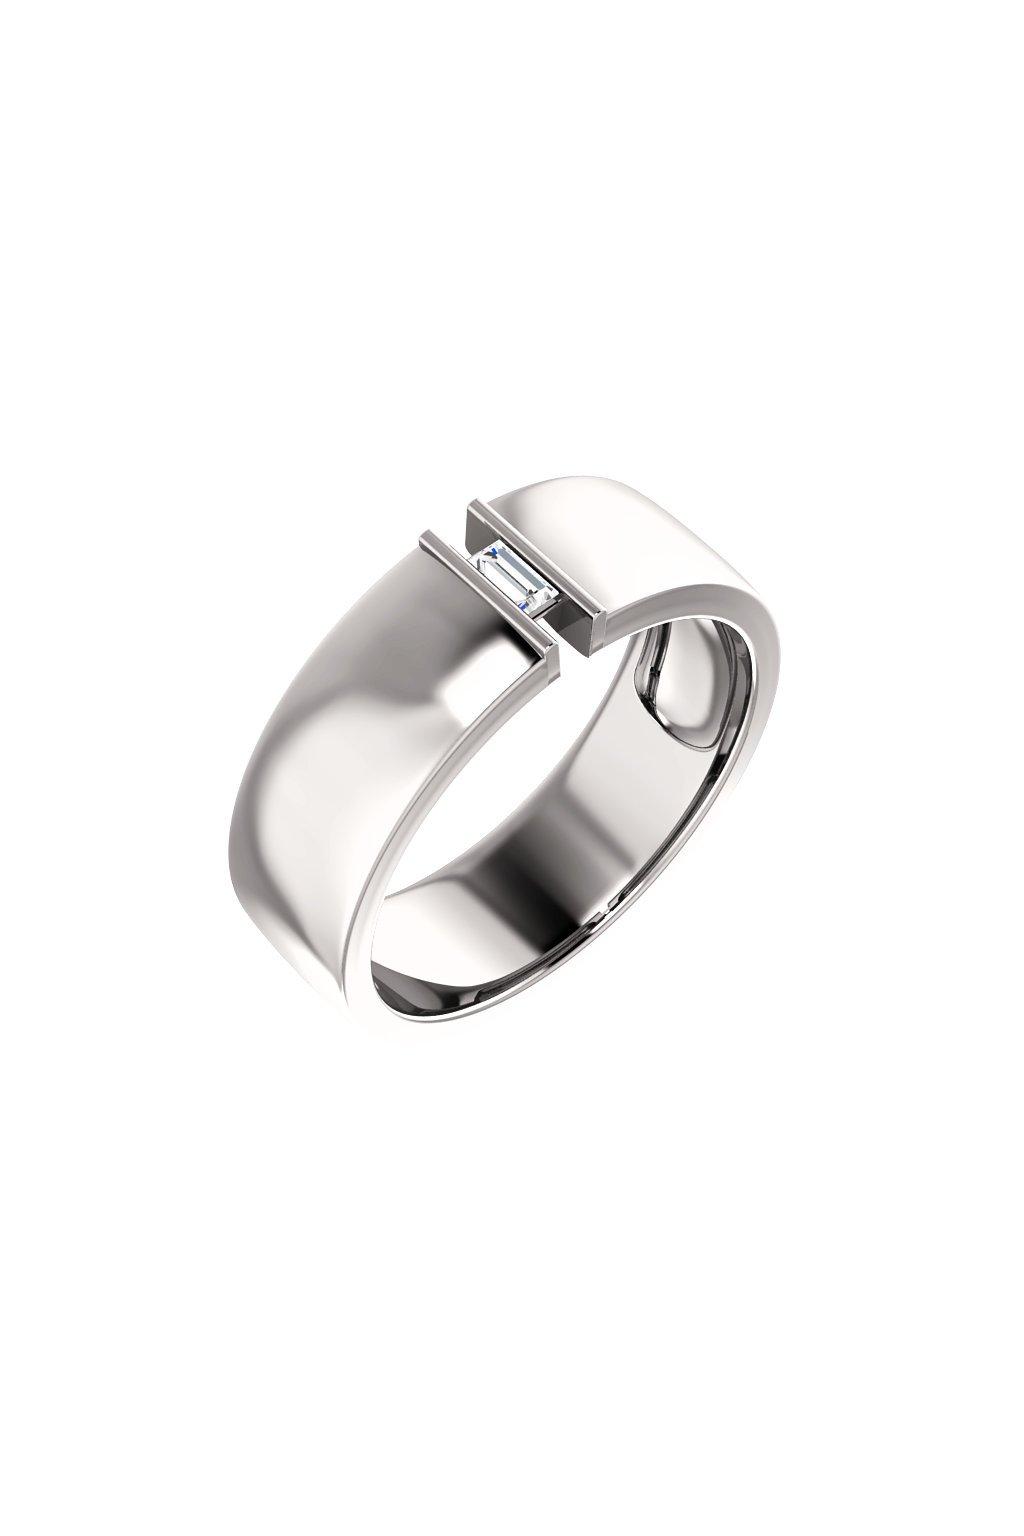 Pánský snubní prsten Royalis Exclusive - Baguette